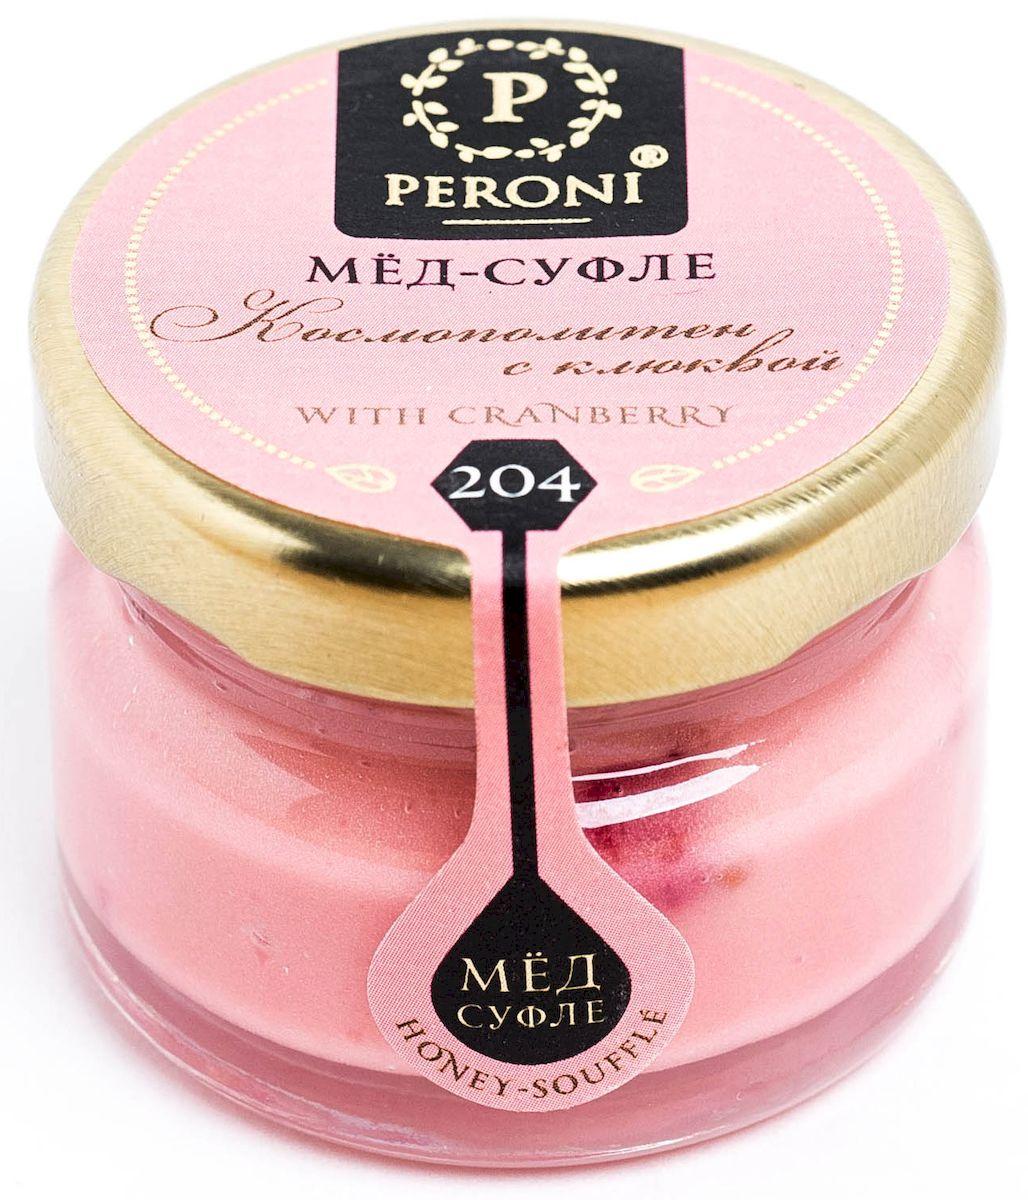 Peroni Космополитен с клюквой мёд-суфле, 30 г0120710Этот мёд радует глаз своим нежно-розовым цветом с малиново-красными искрами – кусочками ягод. В запахе присутствуют ароматы розы, цветущего весеннего сада, фруктового щербета.Вкус мёда раскрывается не сразу, он нарастает волной: сначала ощущается легкий ванильный акцент, затем добавляются обволакивающие интенсивные цветочно-фруктовые ноты, и в завершение – пикантная кислинка с легким пряным оттенком. Послевкусие легкое, цветочное. Текстура меда напоминает мягкую сливочную помадку с вкраплениями кусочков засахаренных ягод.Мед-коктейль Космополитен с клюквой — прекрасный десерт, который понравится и взрослым, и детям. А пара ложечек меда в течение дня поможет поддержать энергию и великолепное настроение, отвлечь от проблем и насладиться жизнью!Для получения меда-суфле используются специальные технологии. Мёд долго вымешивается при определенной скорости, после чего его выдерживают при температуре 12-14 градусов по Цельсию, тем самым закрепляя его нужную консистенцию. Все полезные свойства меда при этом сохраняются.